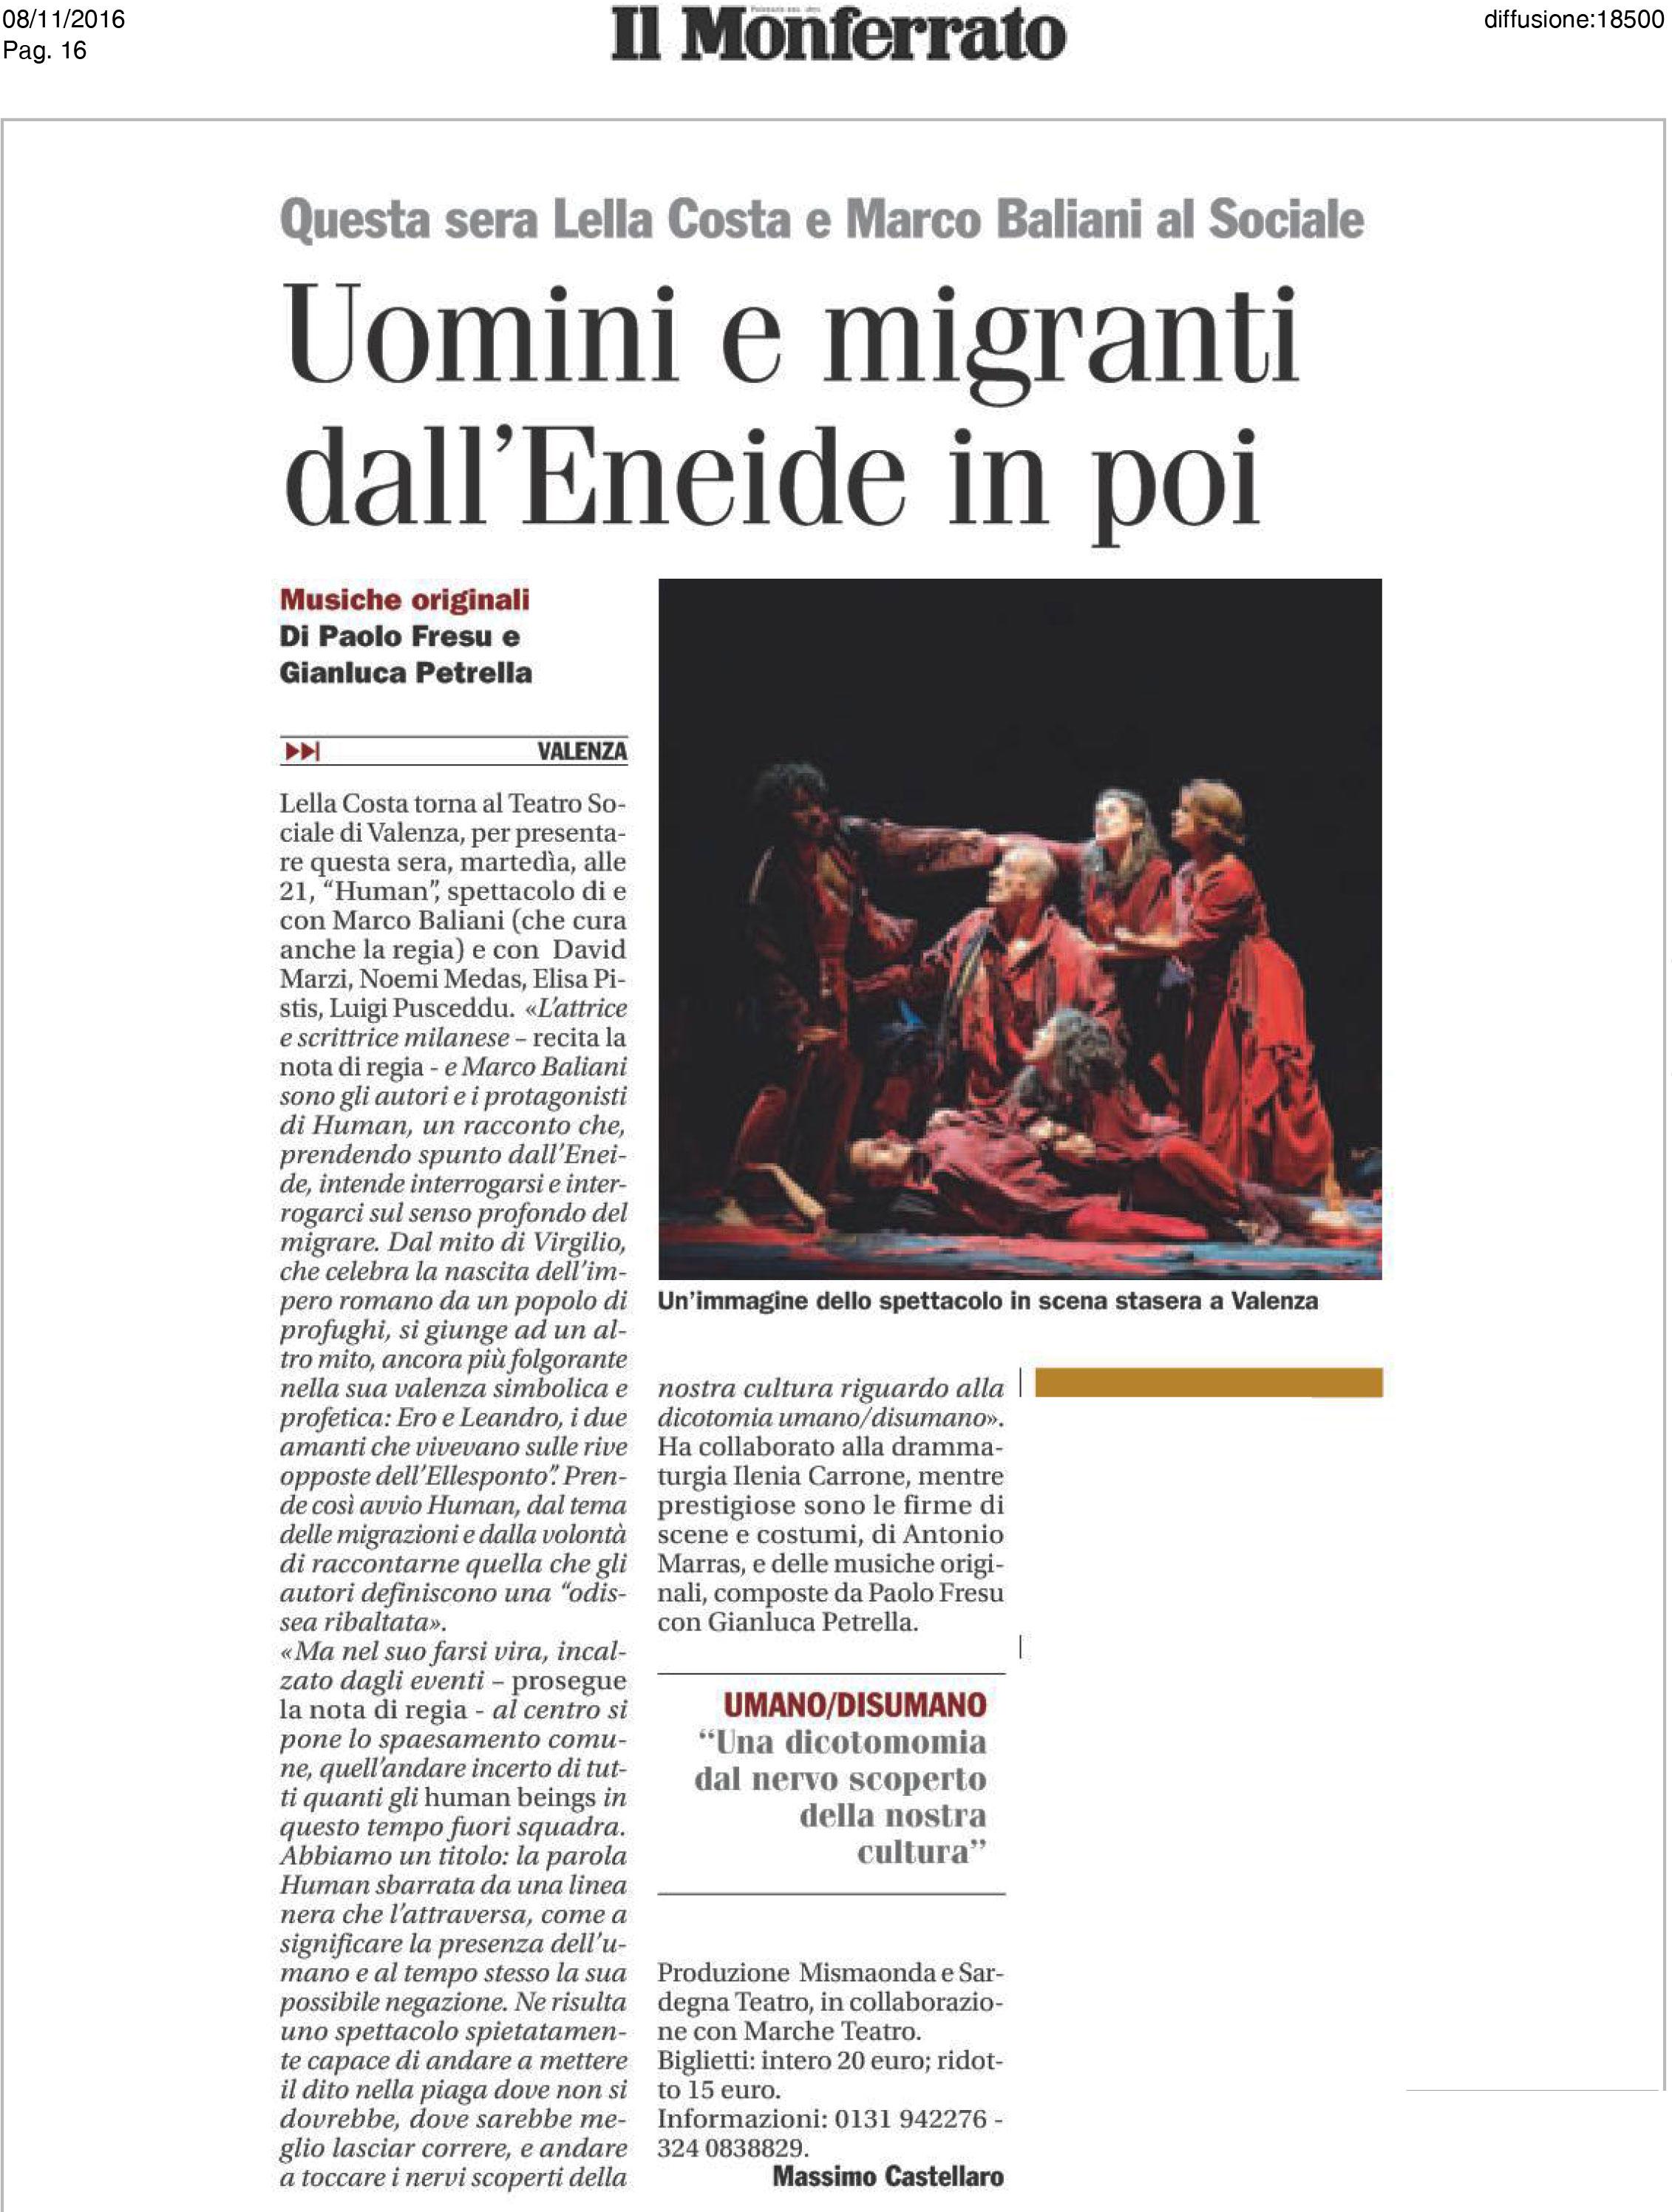 20161108_uomini-e-migranti-dalleneide-in-poi_il-monferrato